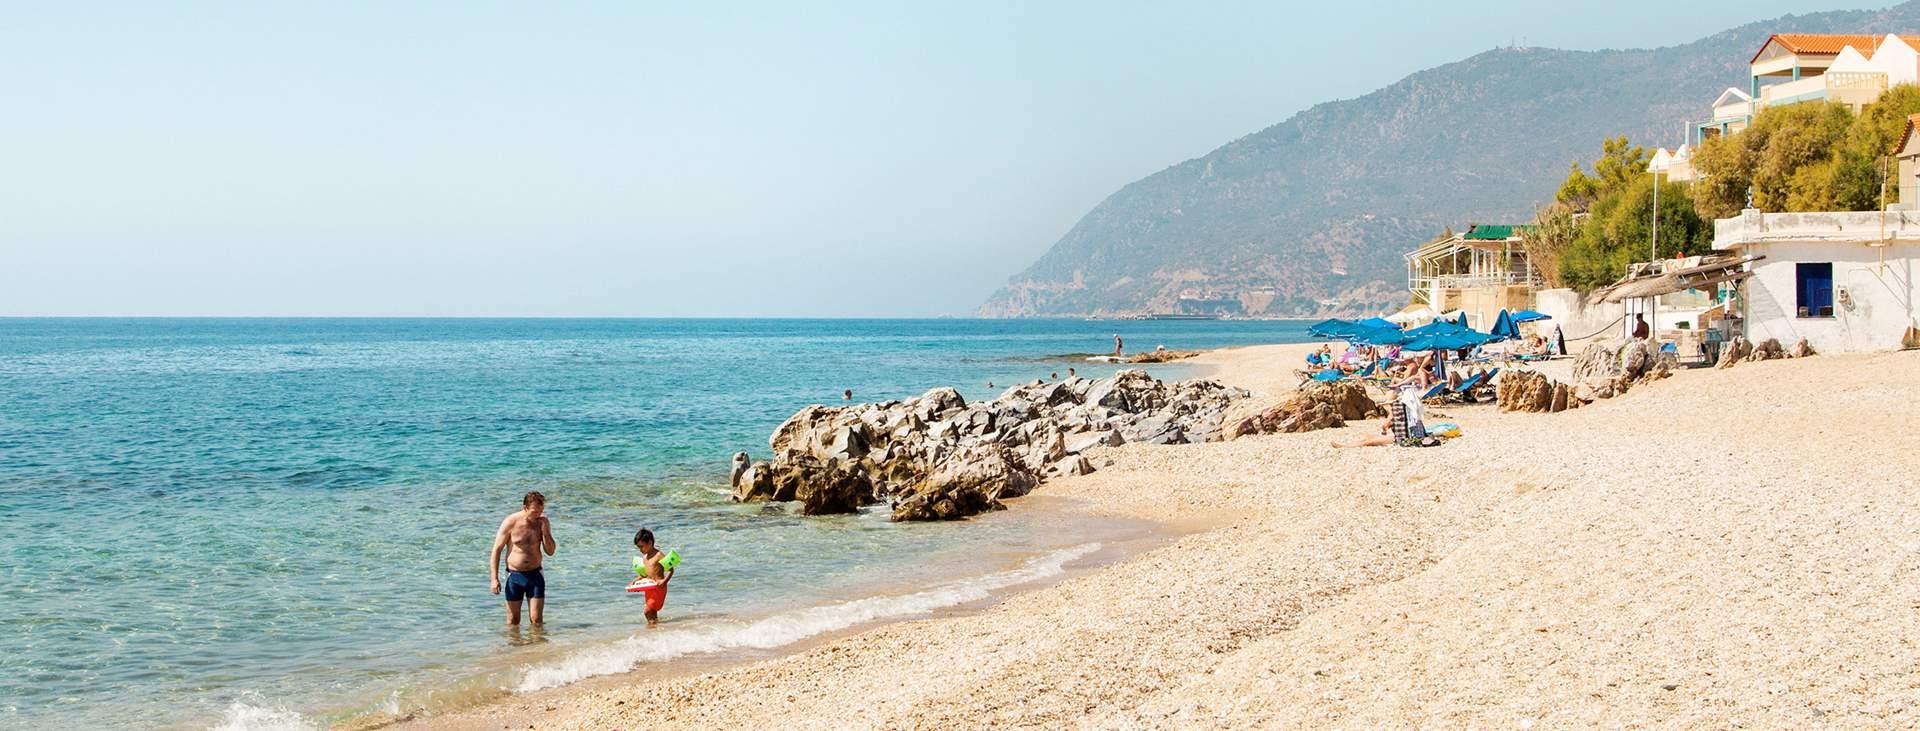 Bestill din reise til den greske øya Lesvos med Ving